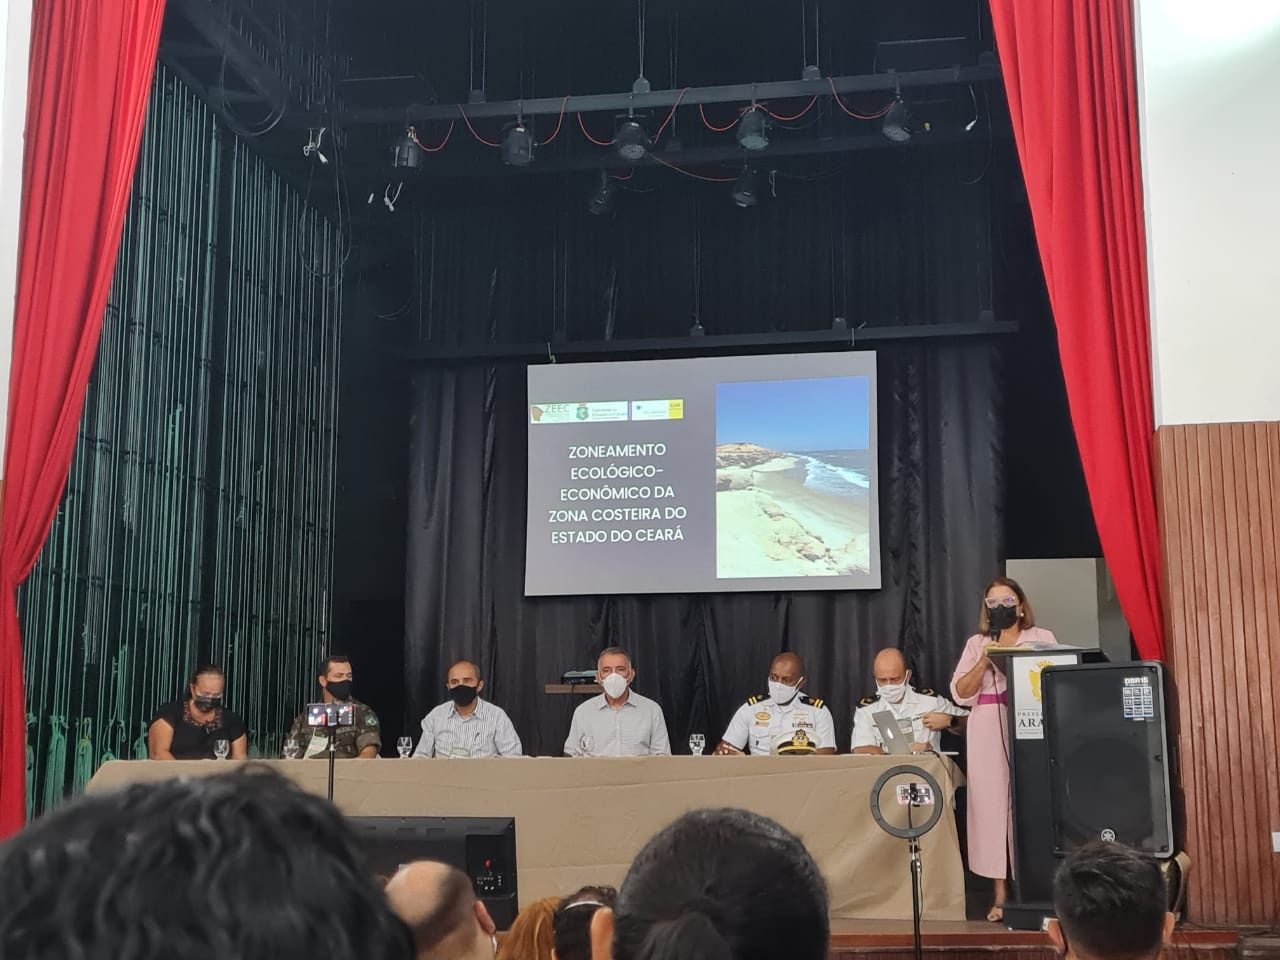 Semace participa da primeira Audiência Pública híbrida do Zoneamento Ecológico-Econômico da Zona Costeira do Ceará